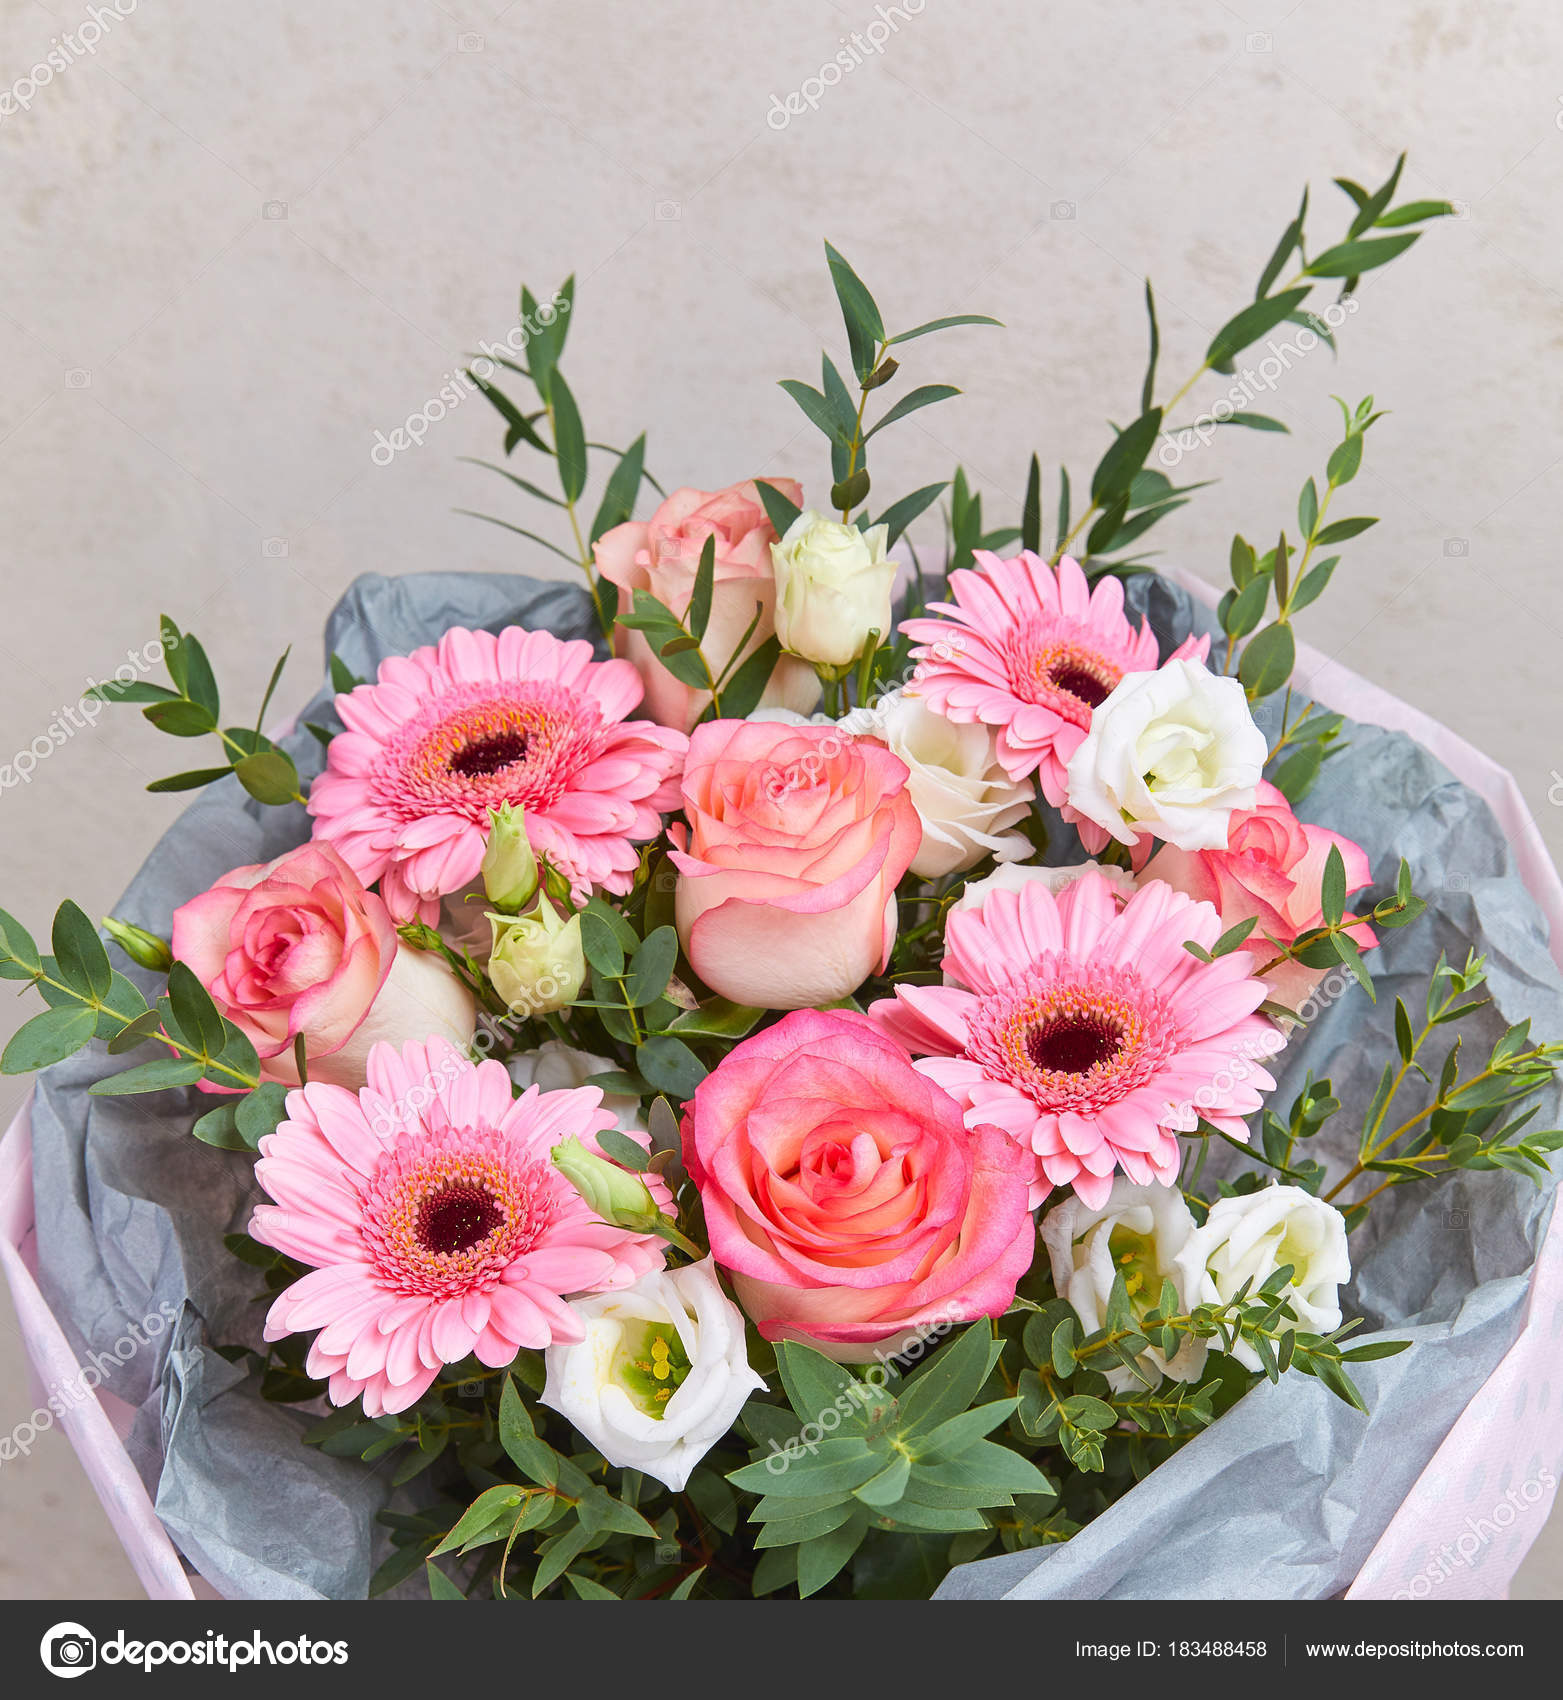 Resultado de imagen para Un hermoso ramo de flores imagen